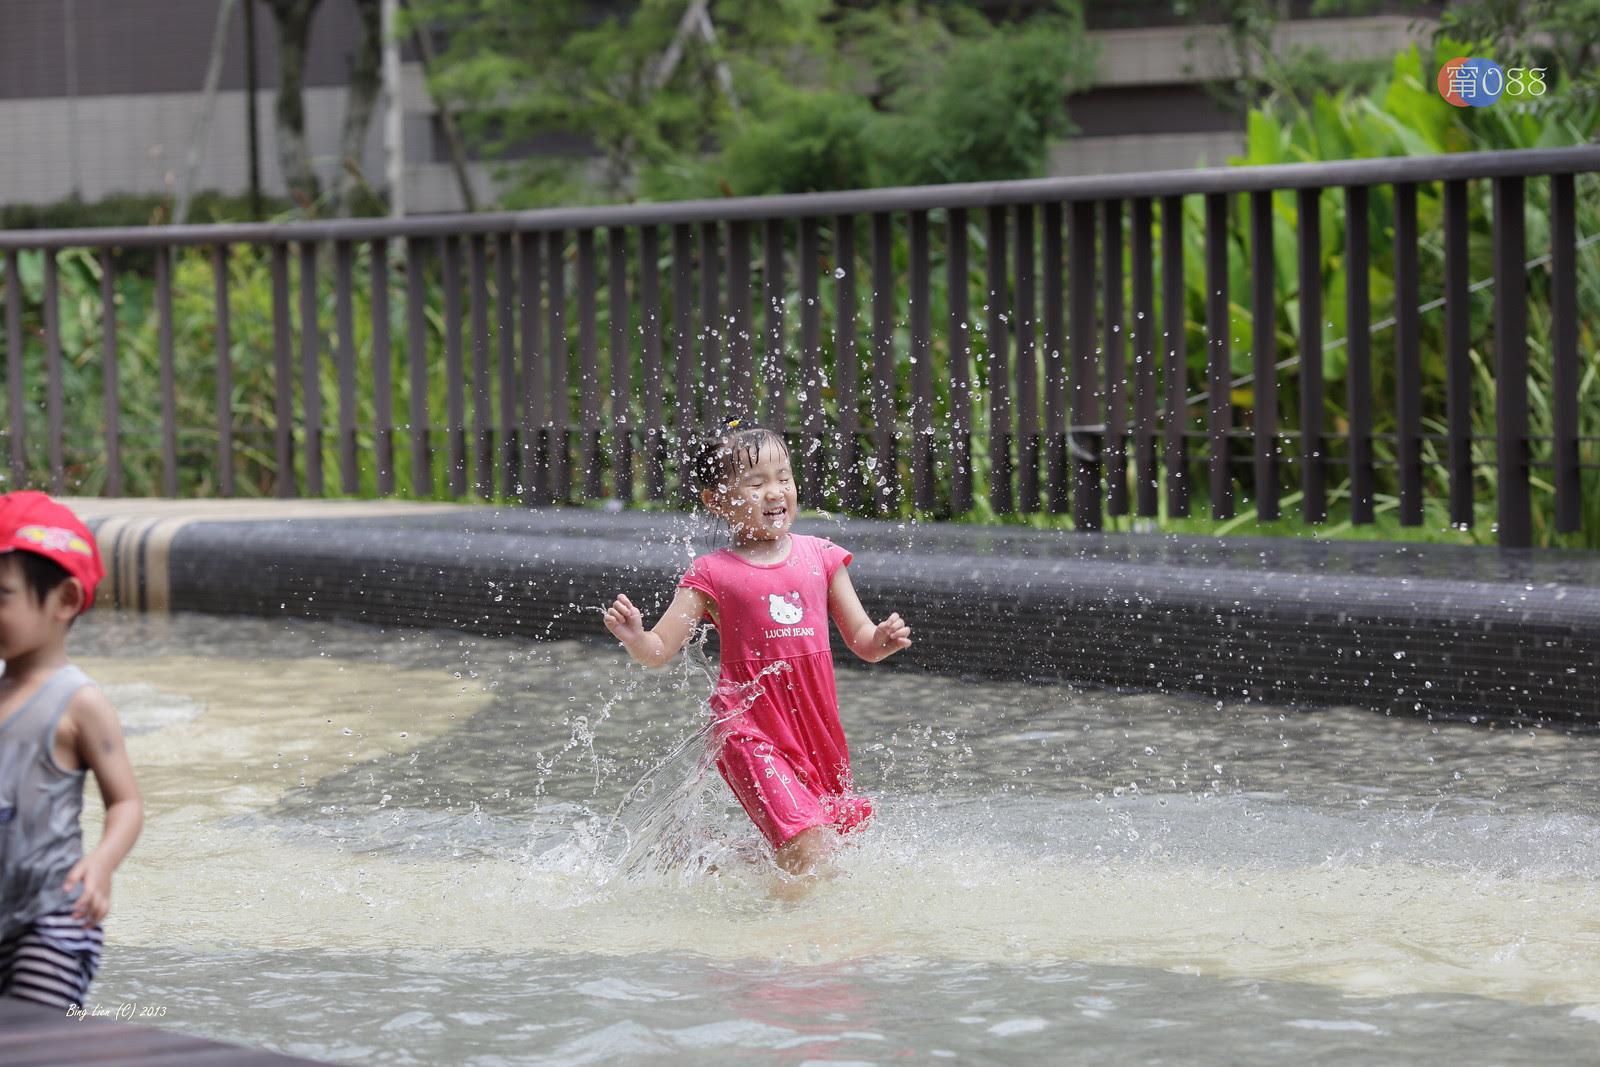 WATER_BING3643V2